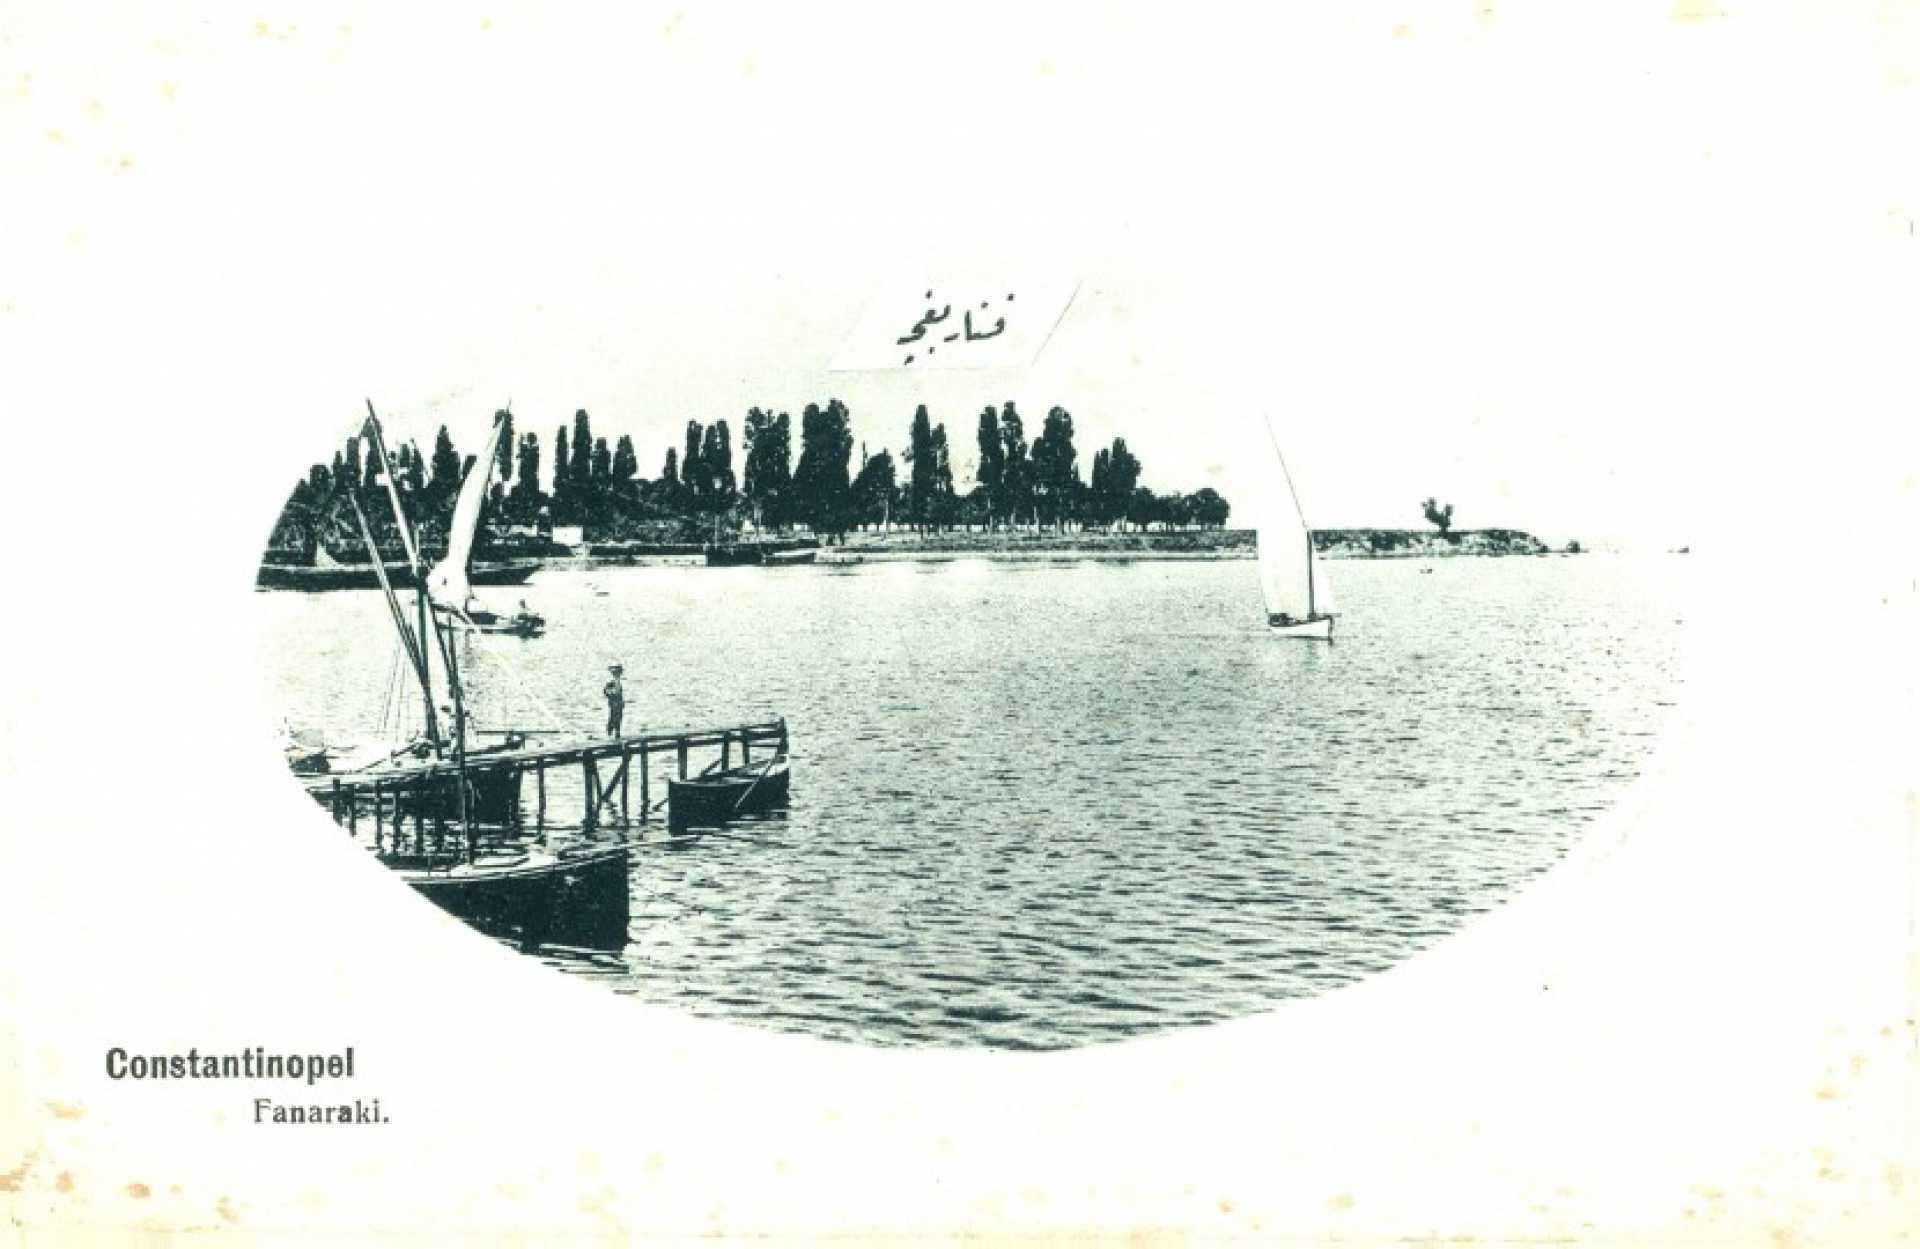 Constantinopel Fanaraki